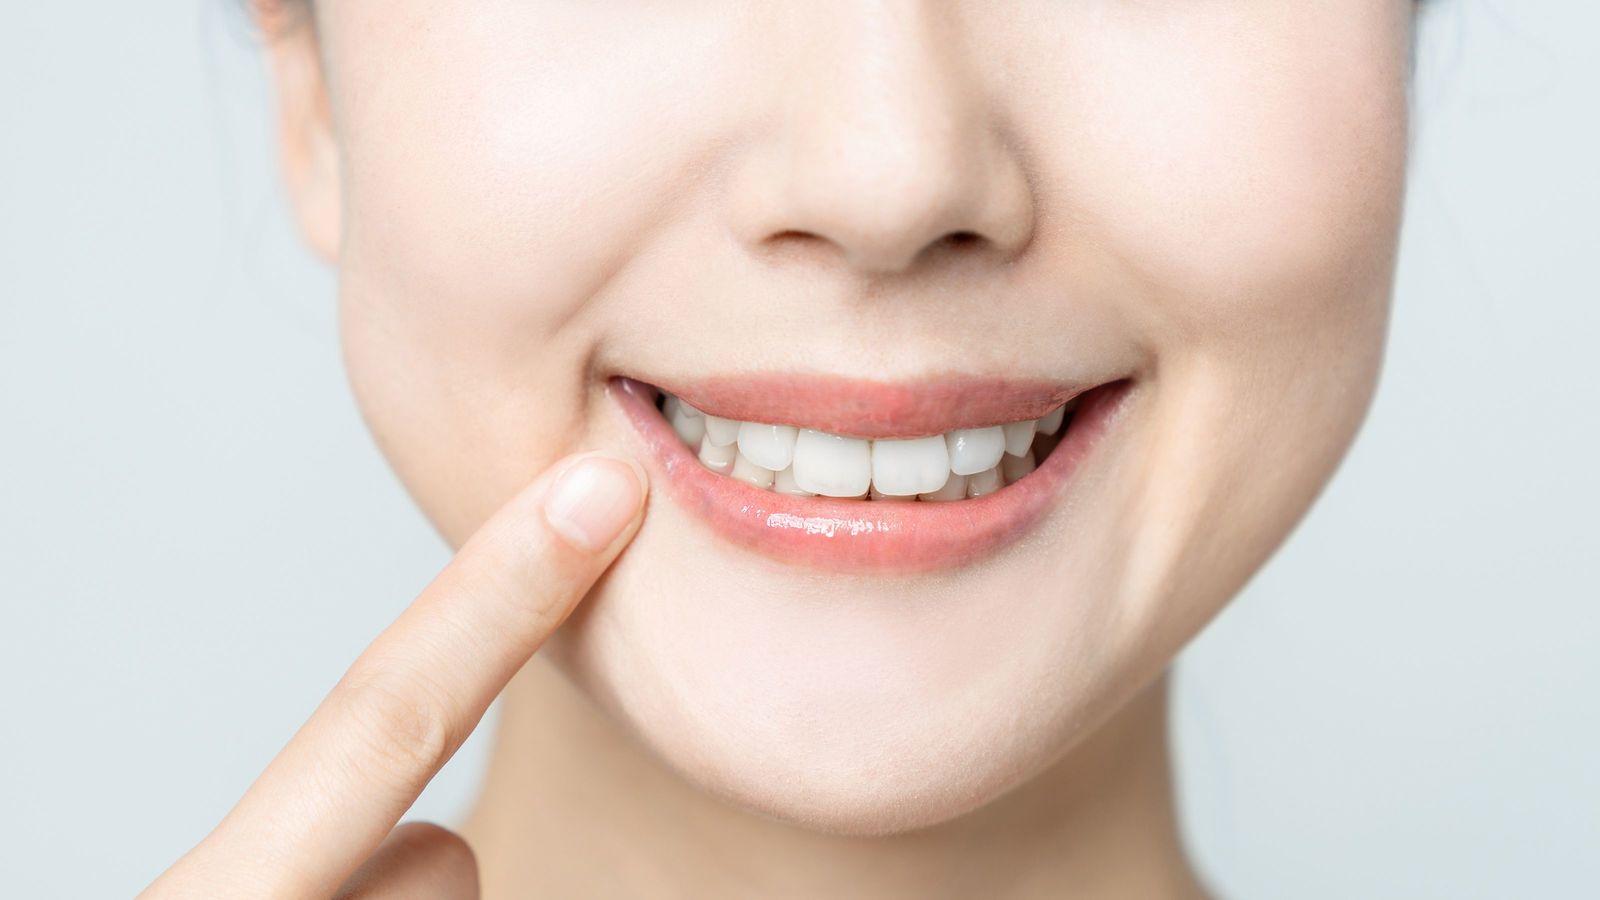 「口」の中の状態でバレる、歯で死ぬ人生き残る人 クリーニングの一歩先の最新ケア